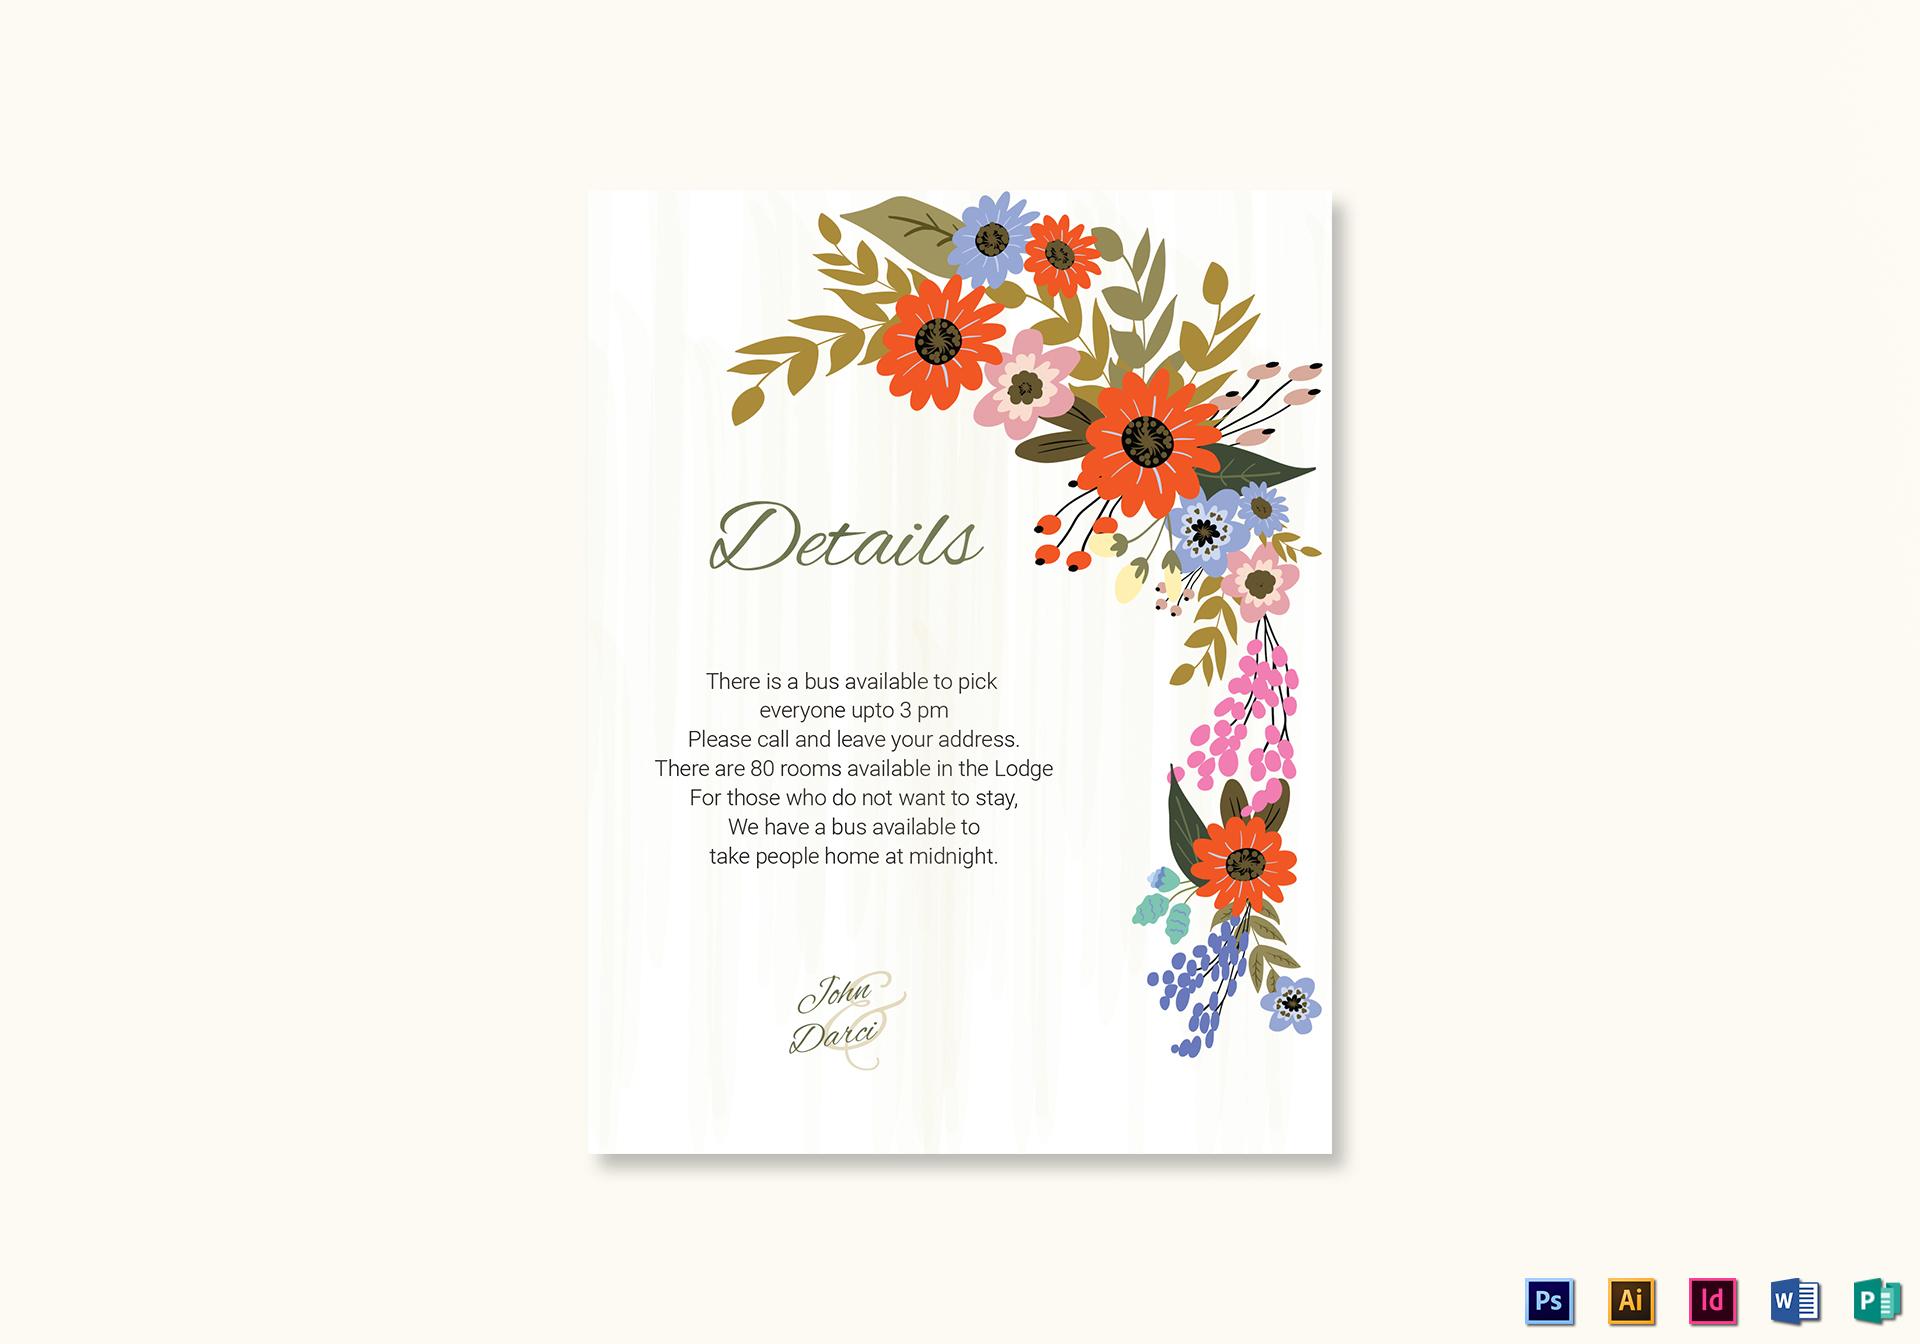 Summer Floral Wedding Details Card Design Template In Illustrator